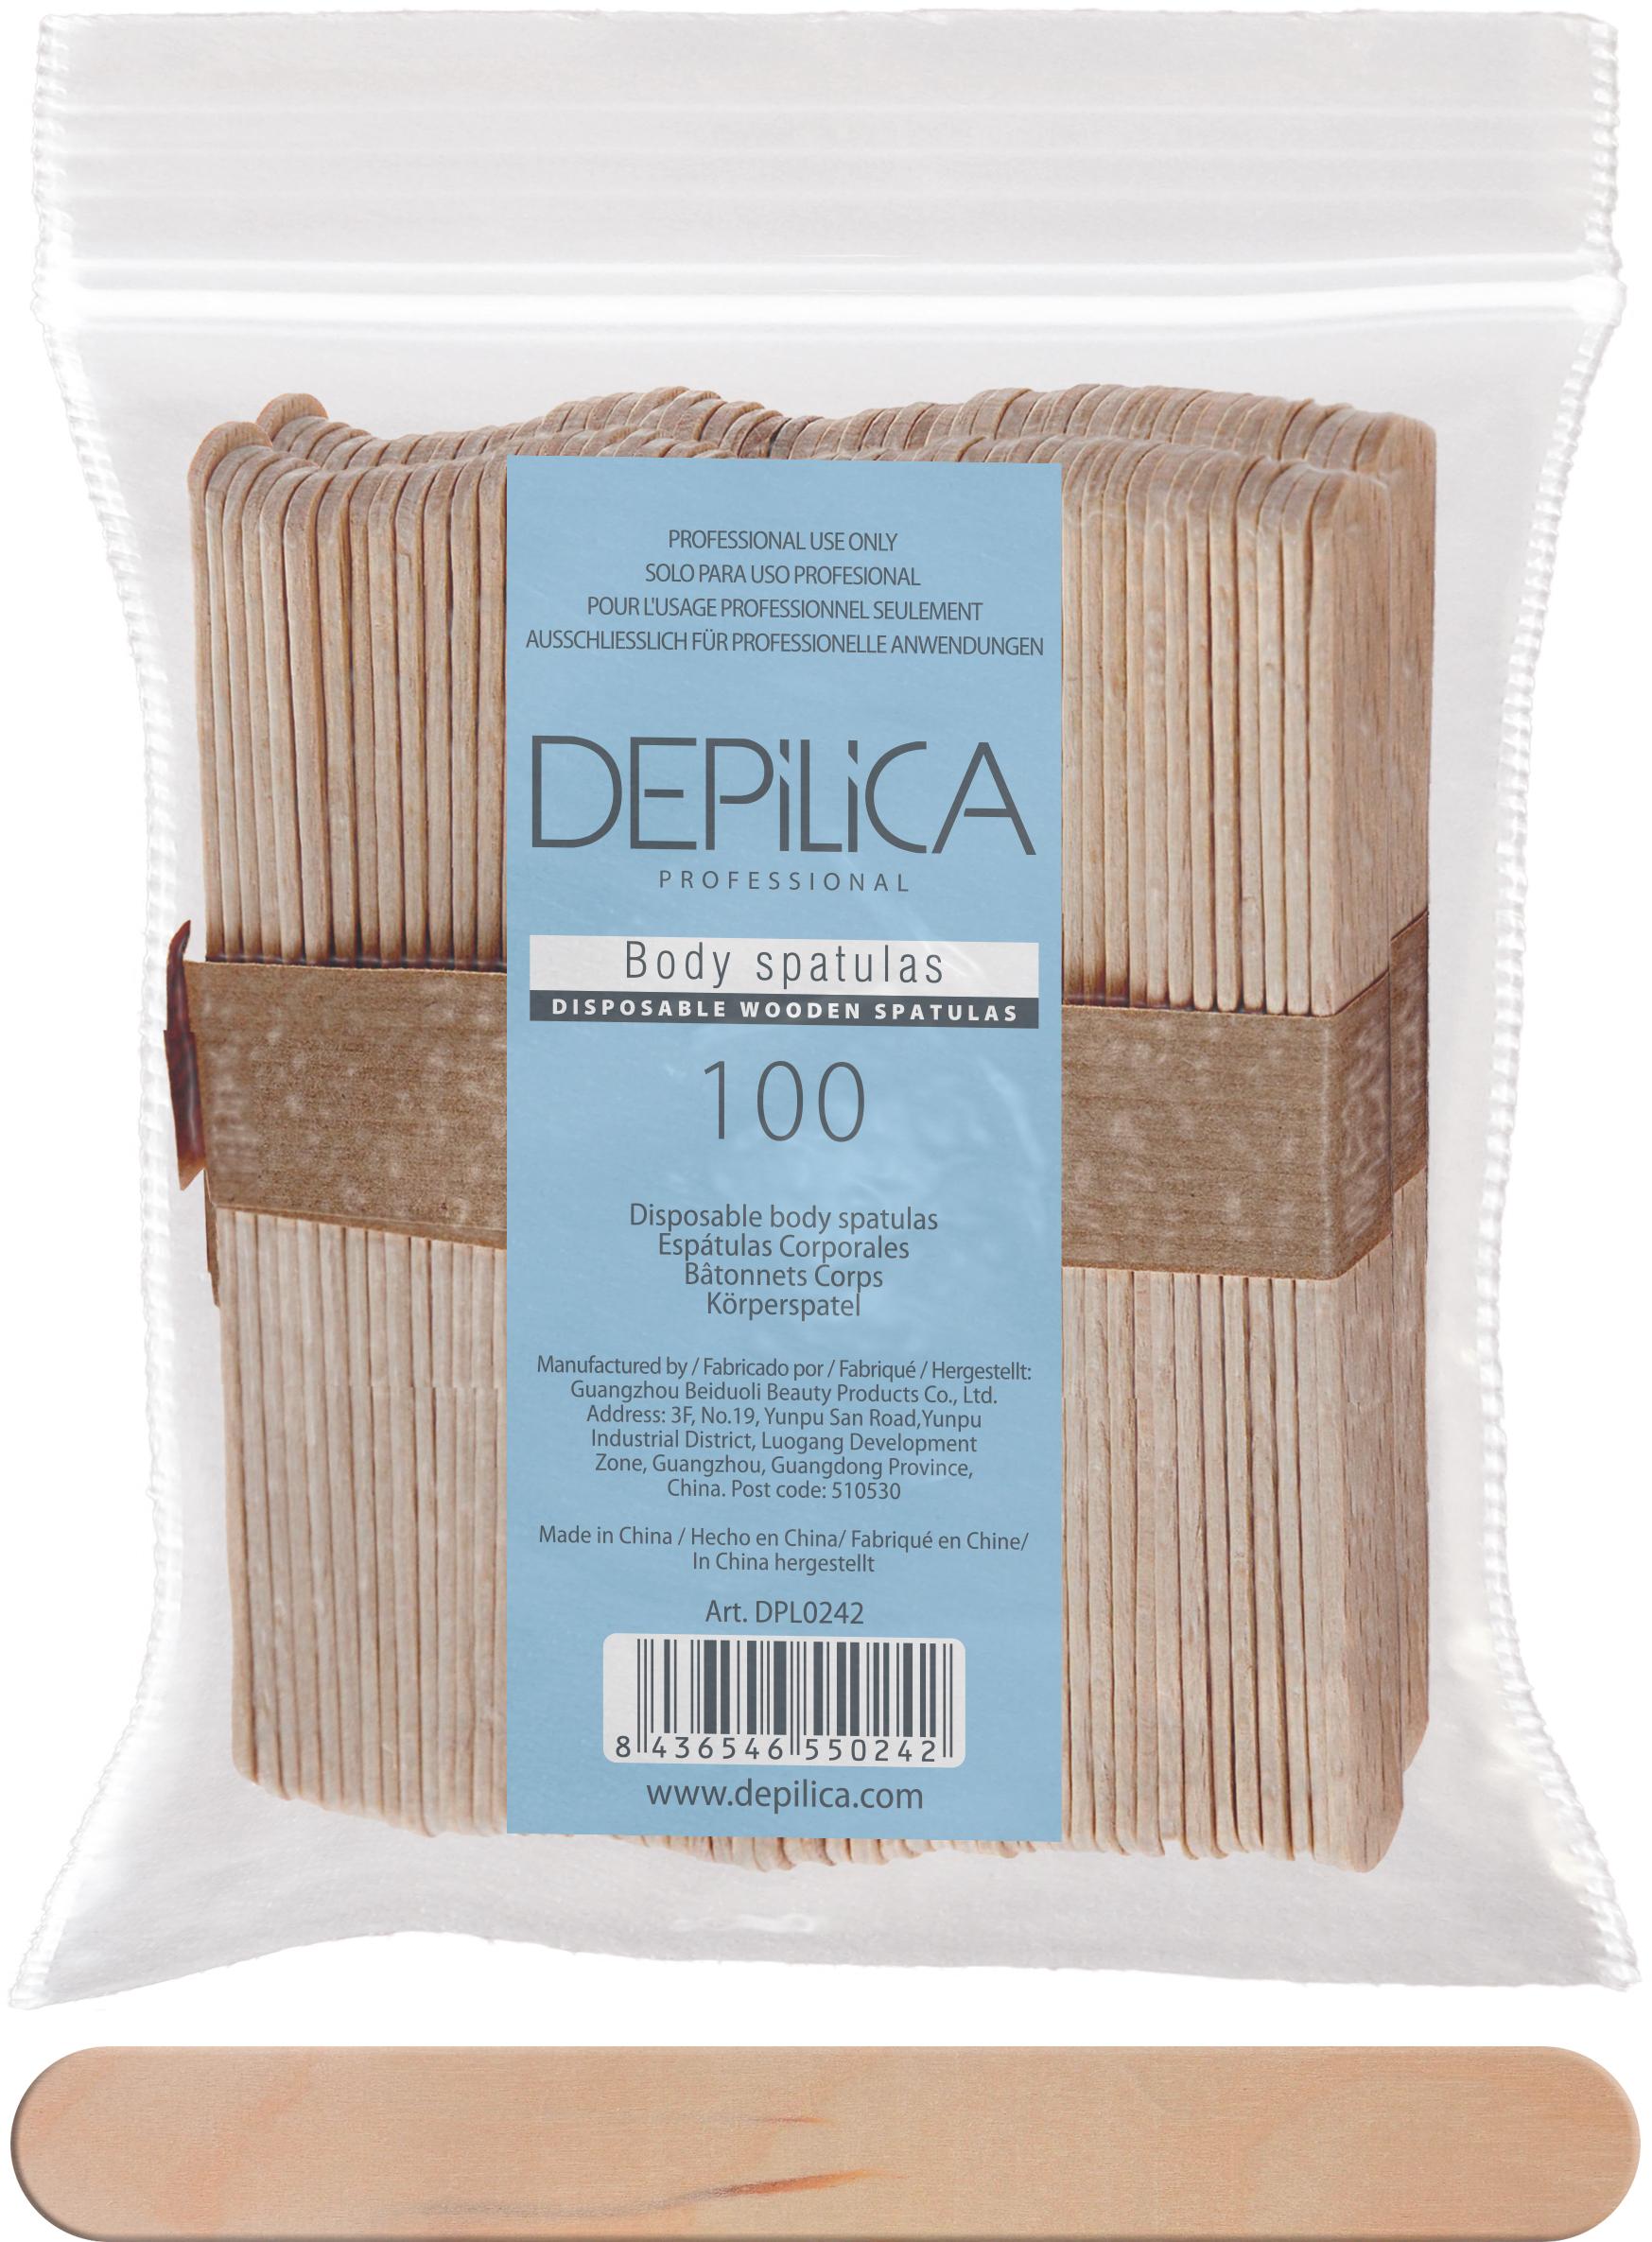 DEPILICA PROFESSIONAL Шпатели деревянные одноразовые для тела / Disposable Wooden body s patulas 100шт от Галерея Косметики